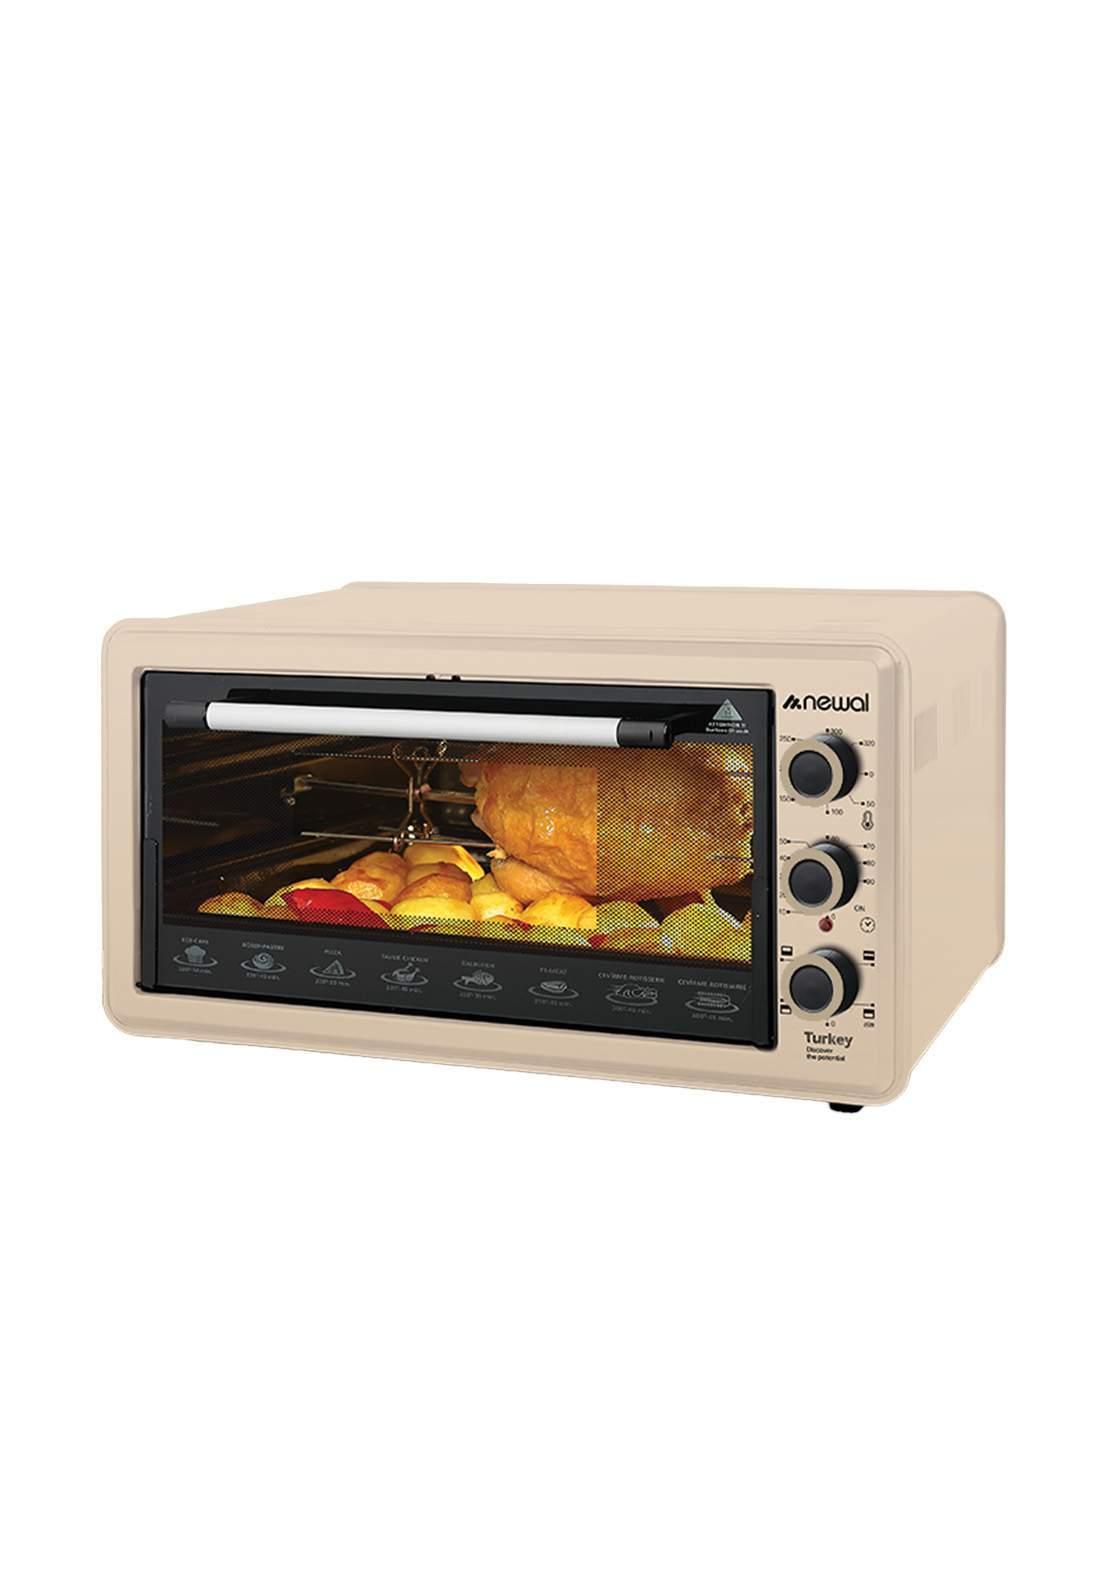 Newal Mini Oven 45L MOV-456-04 - Beige فرن كهربائي